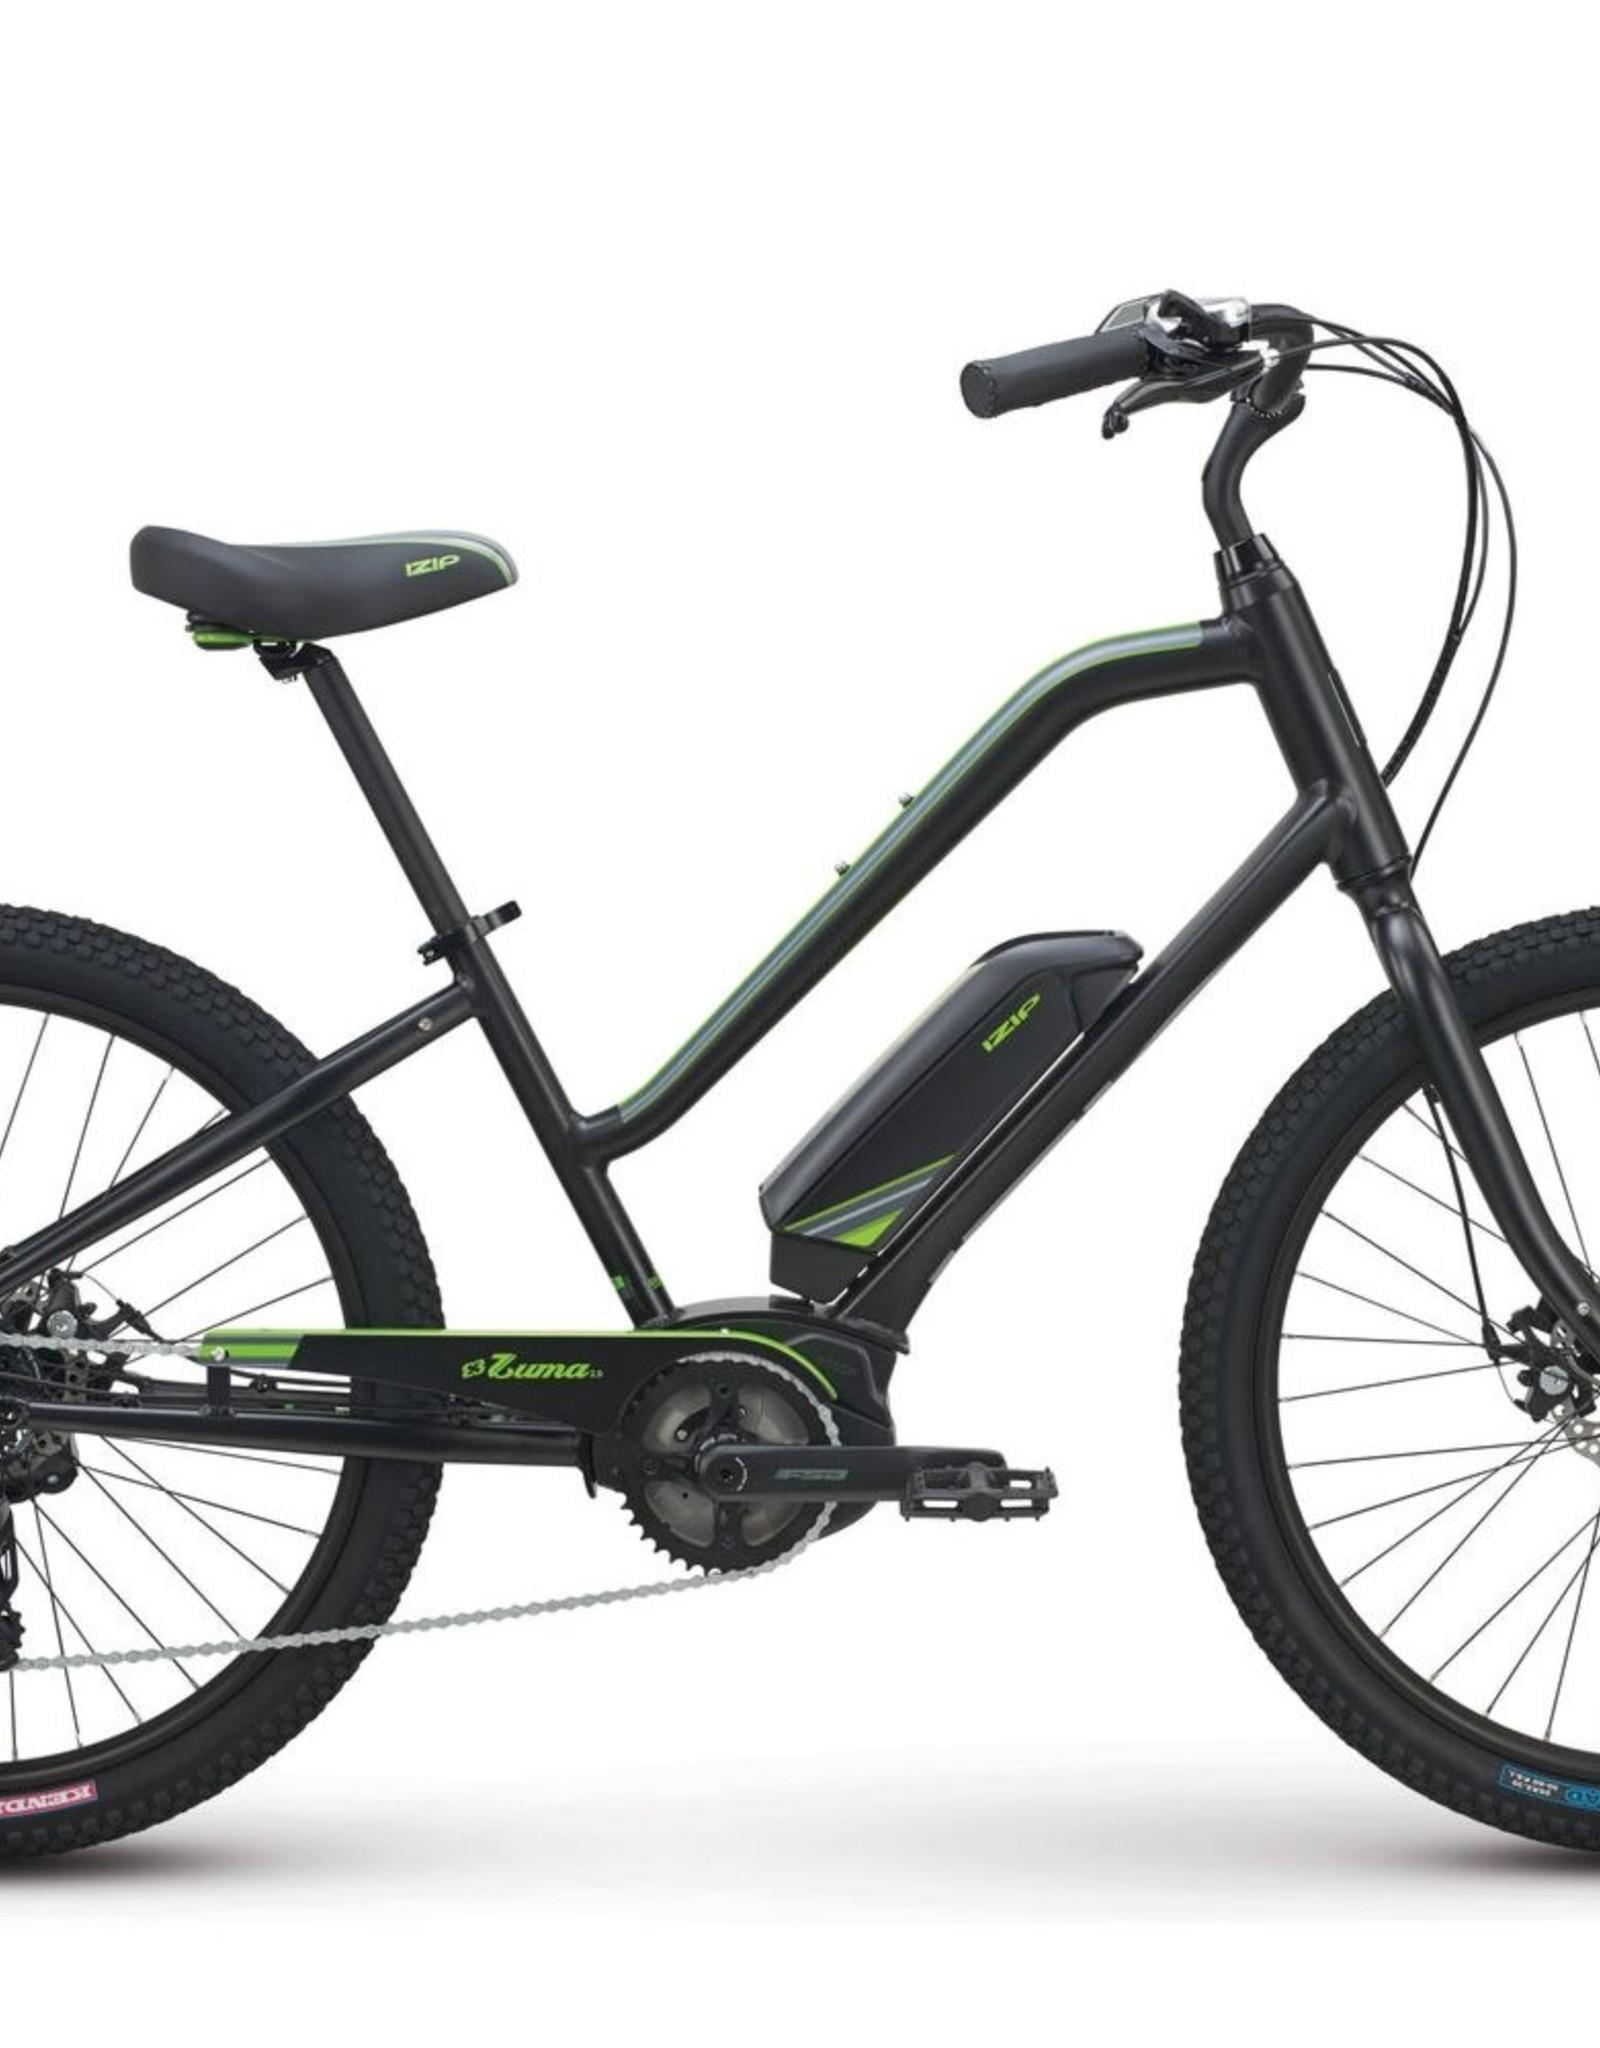 2021 Izip Zuma 2.0 Step-Thru  Electric Bicycle, E-bike , Black